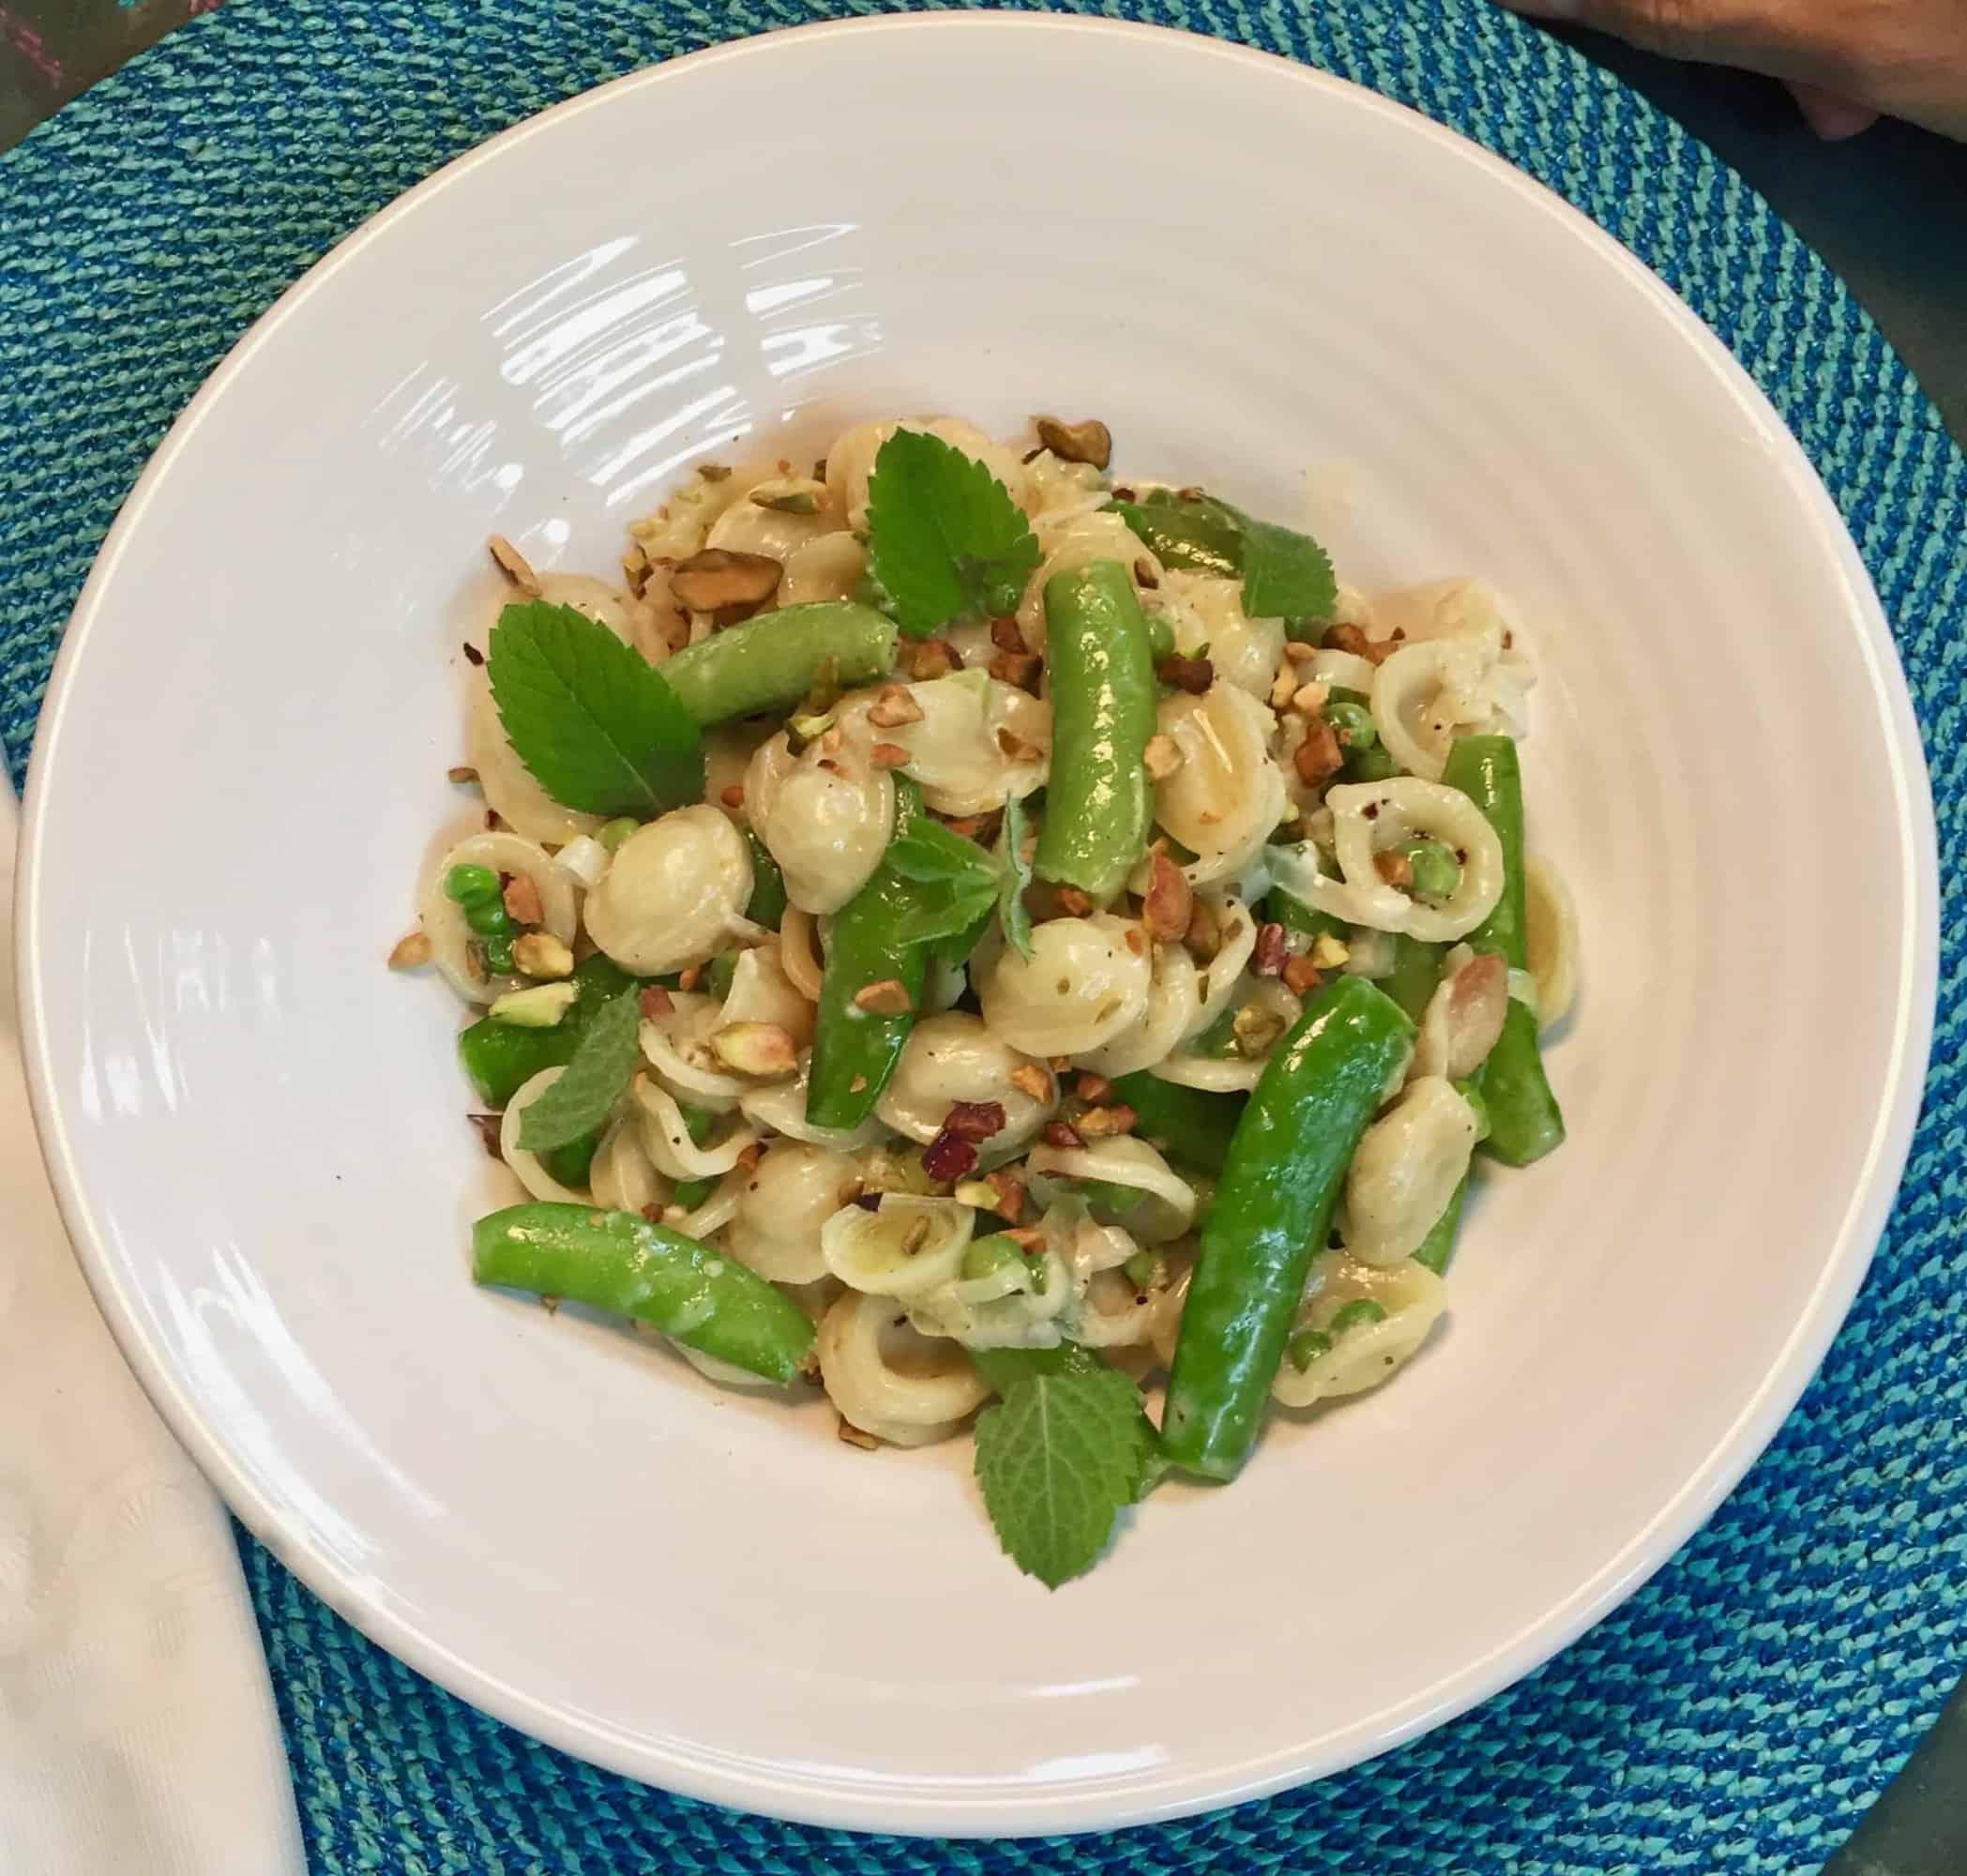 Orecchiette with Buttermilk, Peas and Pistachios from Bon Appetit